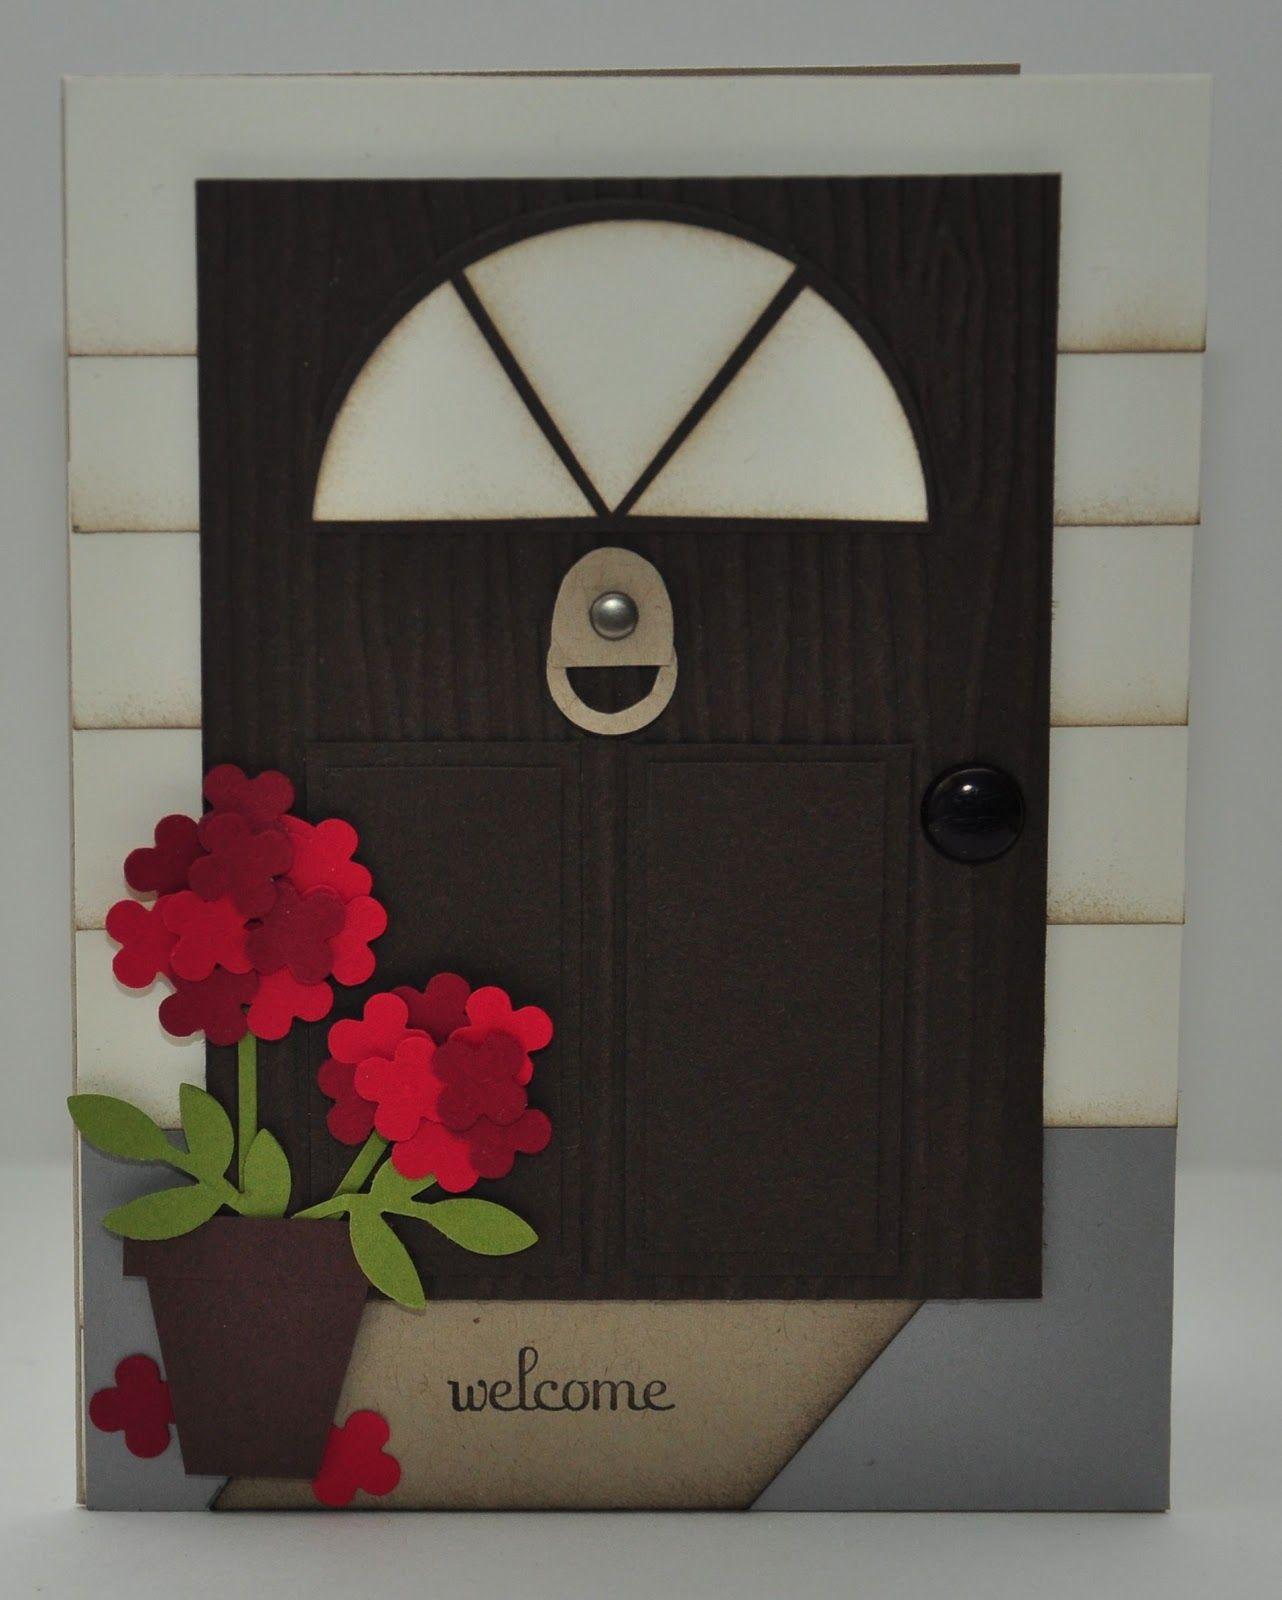 les 25 meilleures id es de la cat gorie carte pour une cr maill re sur pinterest cartes de. Black Bedroom Furniture Sets. Home Design Ideas